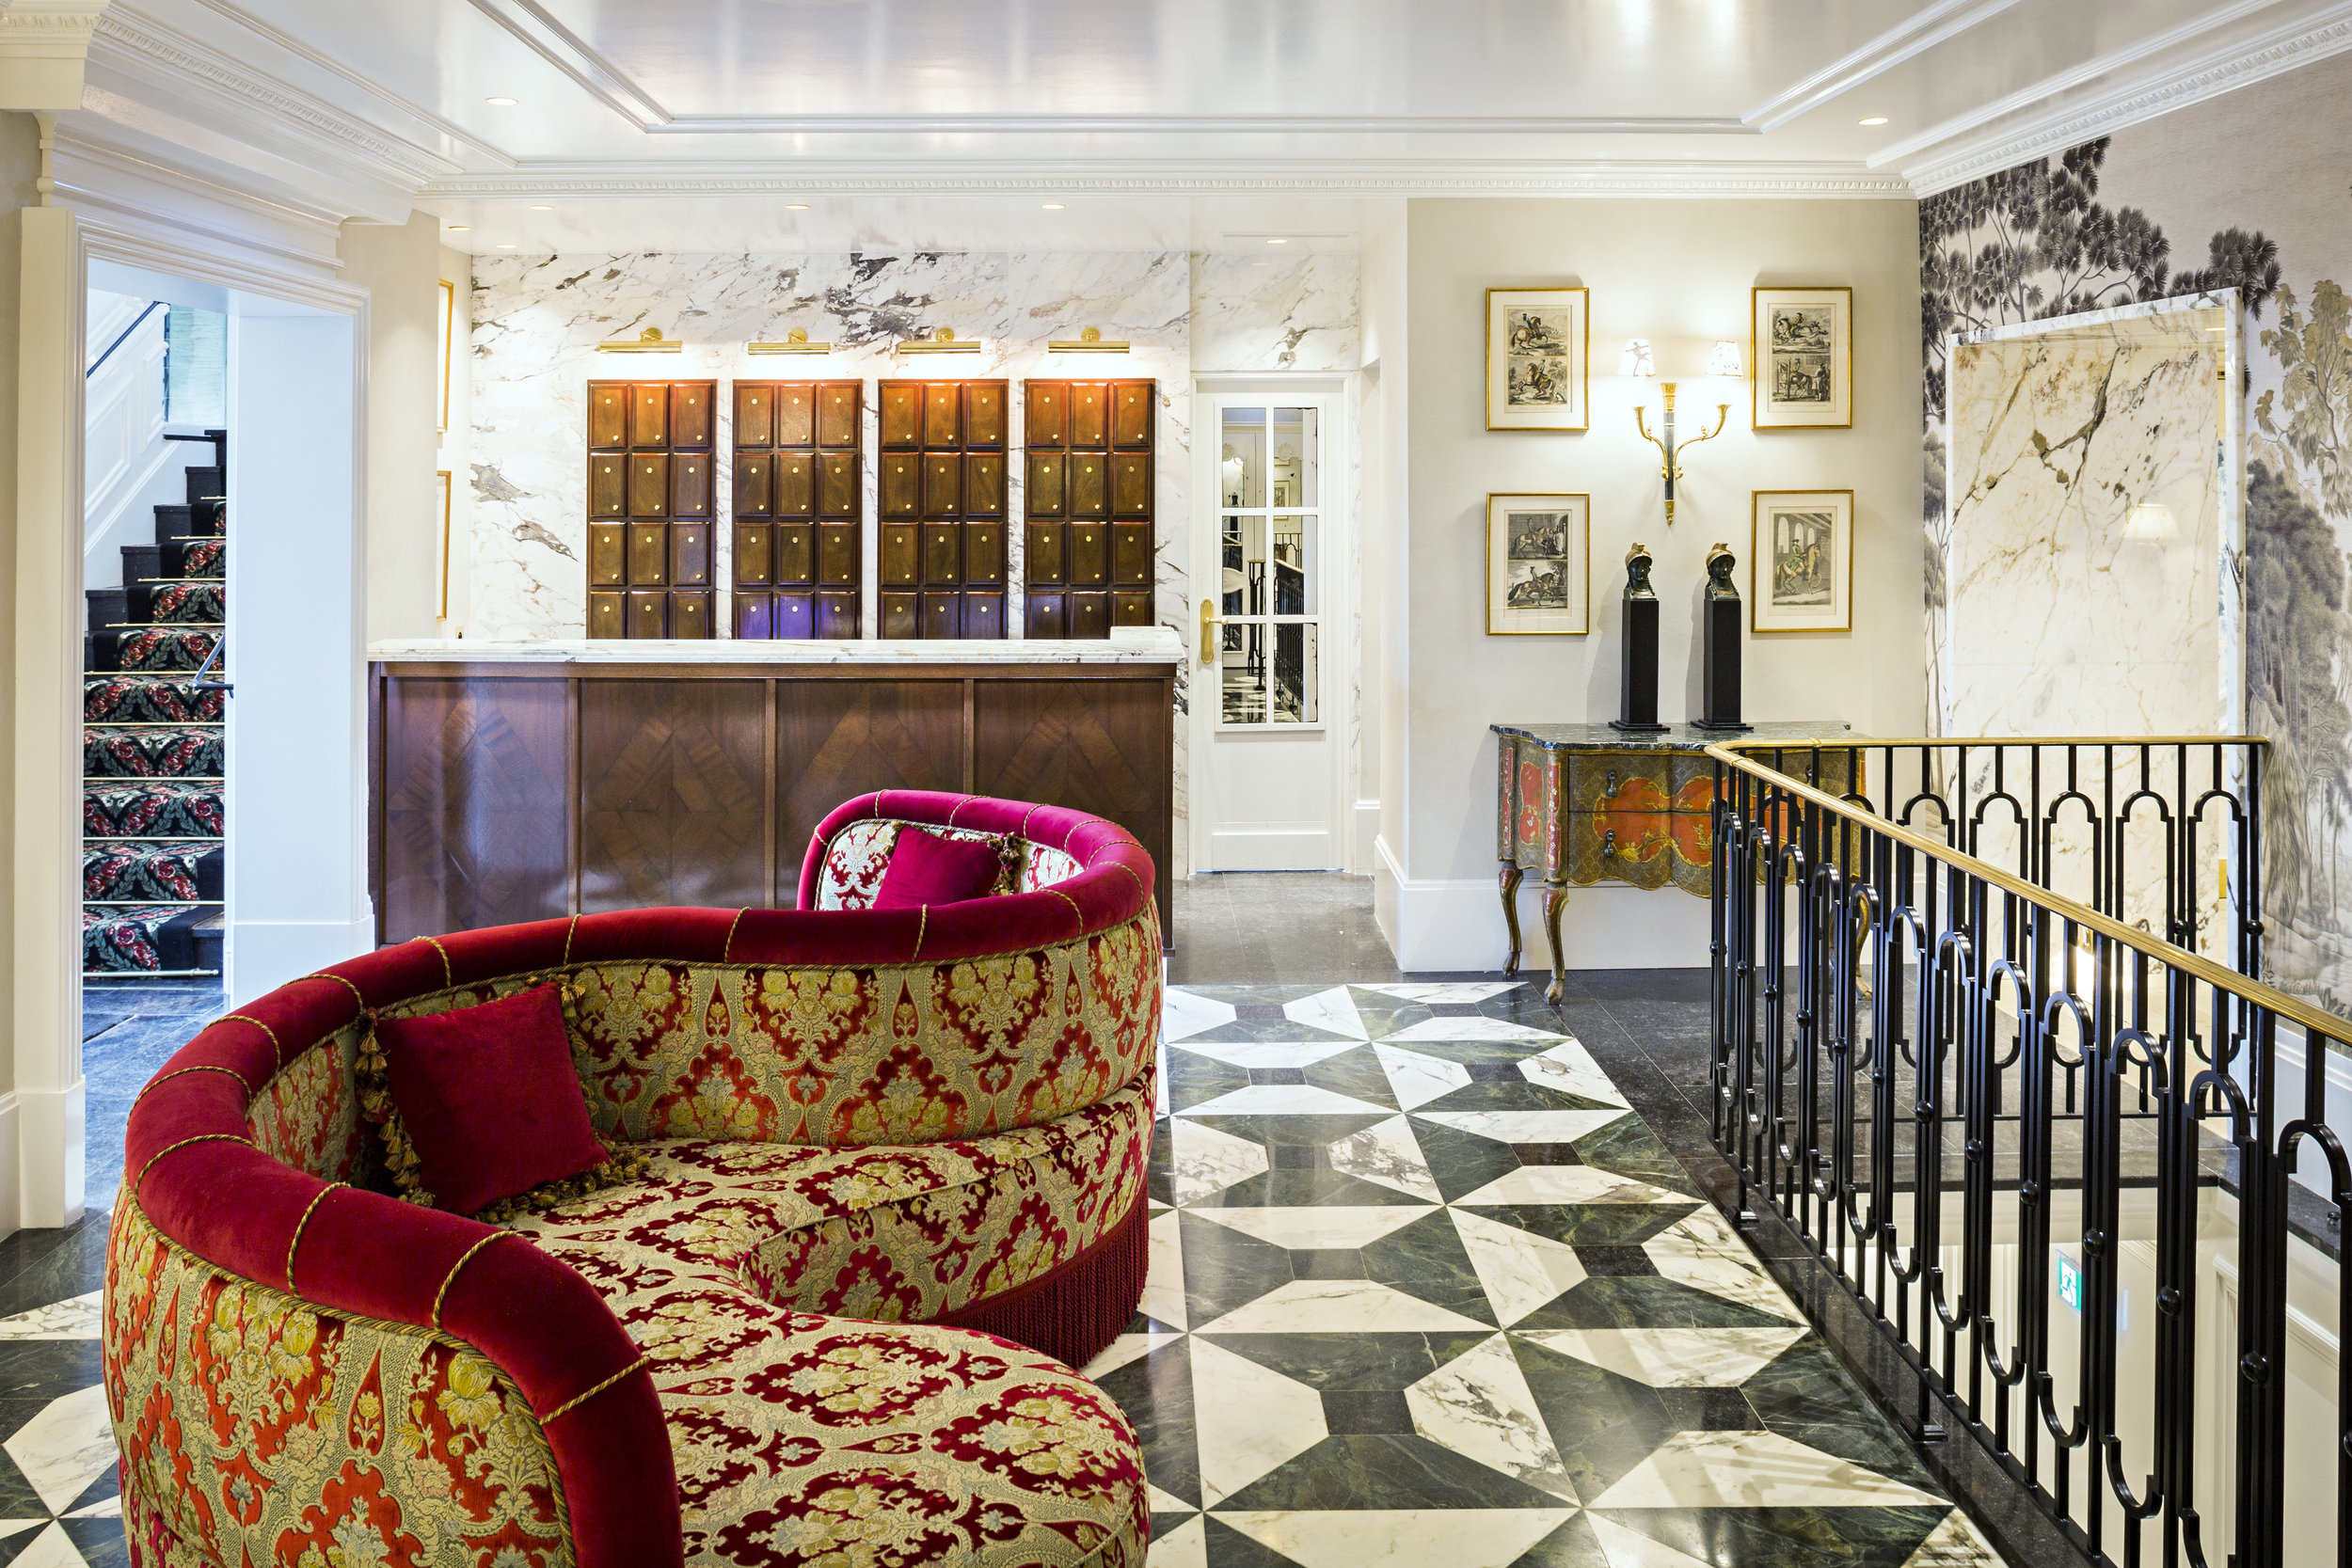 Hall d'entrée réception dallage sur mesure calepinage en marbre braccia capraia pierre bleue et vert bourgonia Omni Marbres hôtel Relais Christine